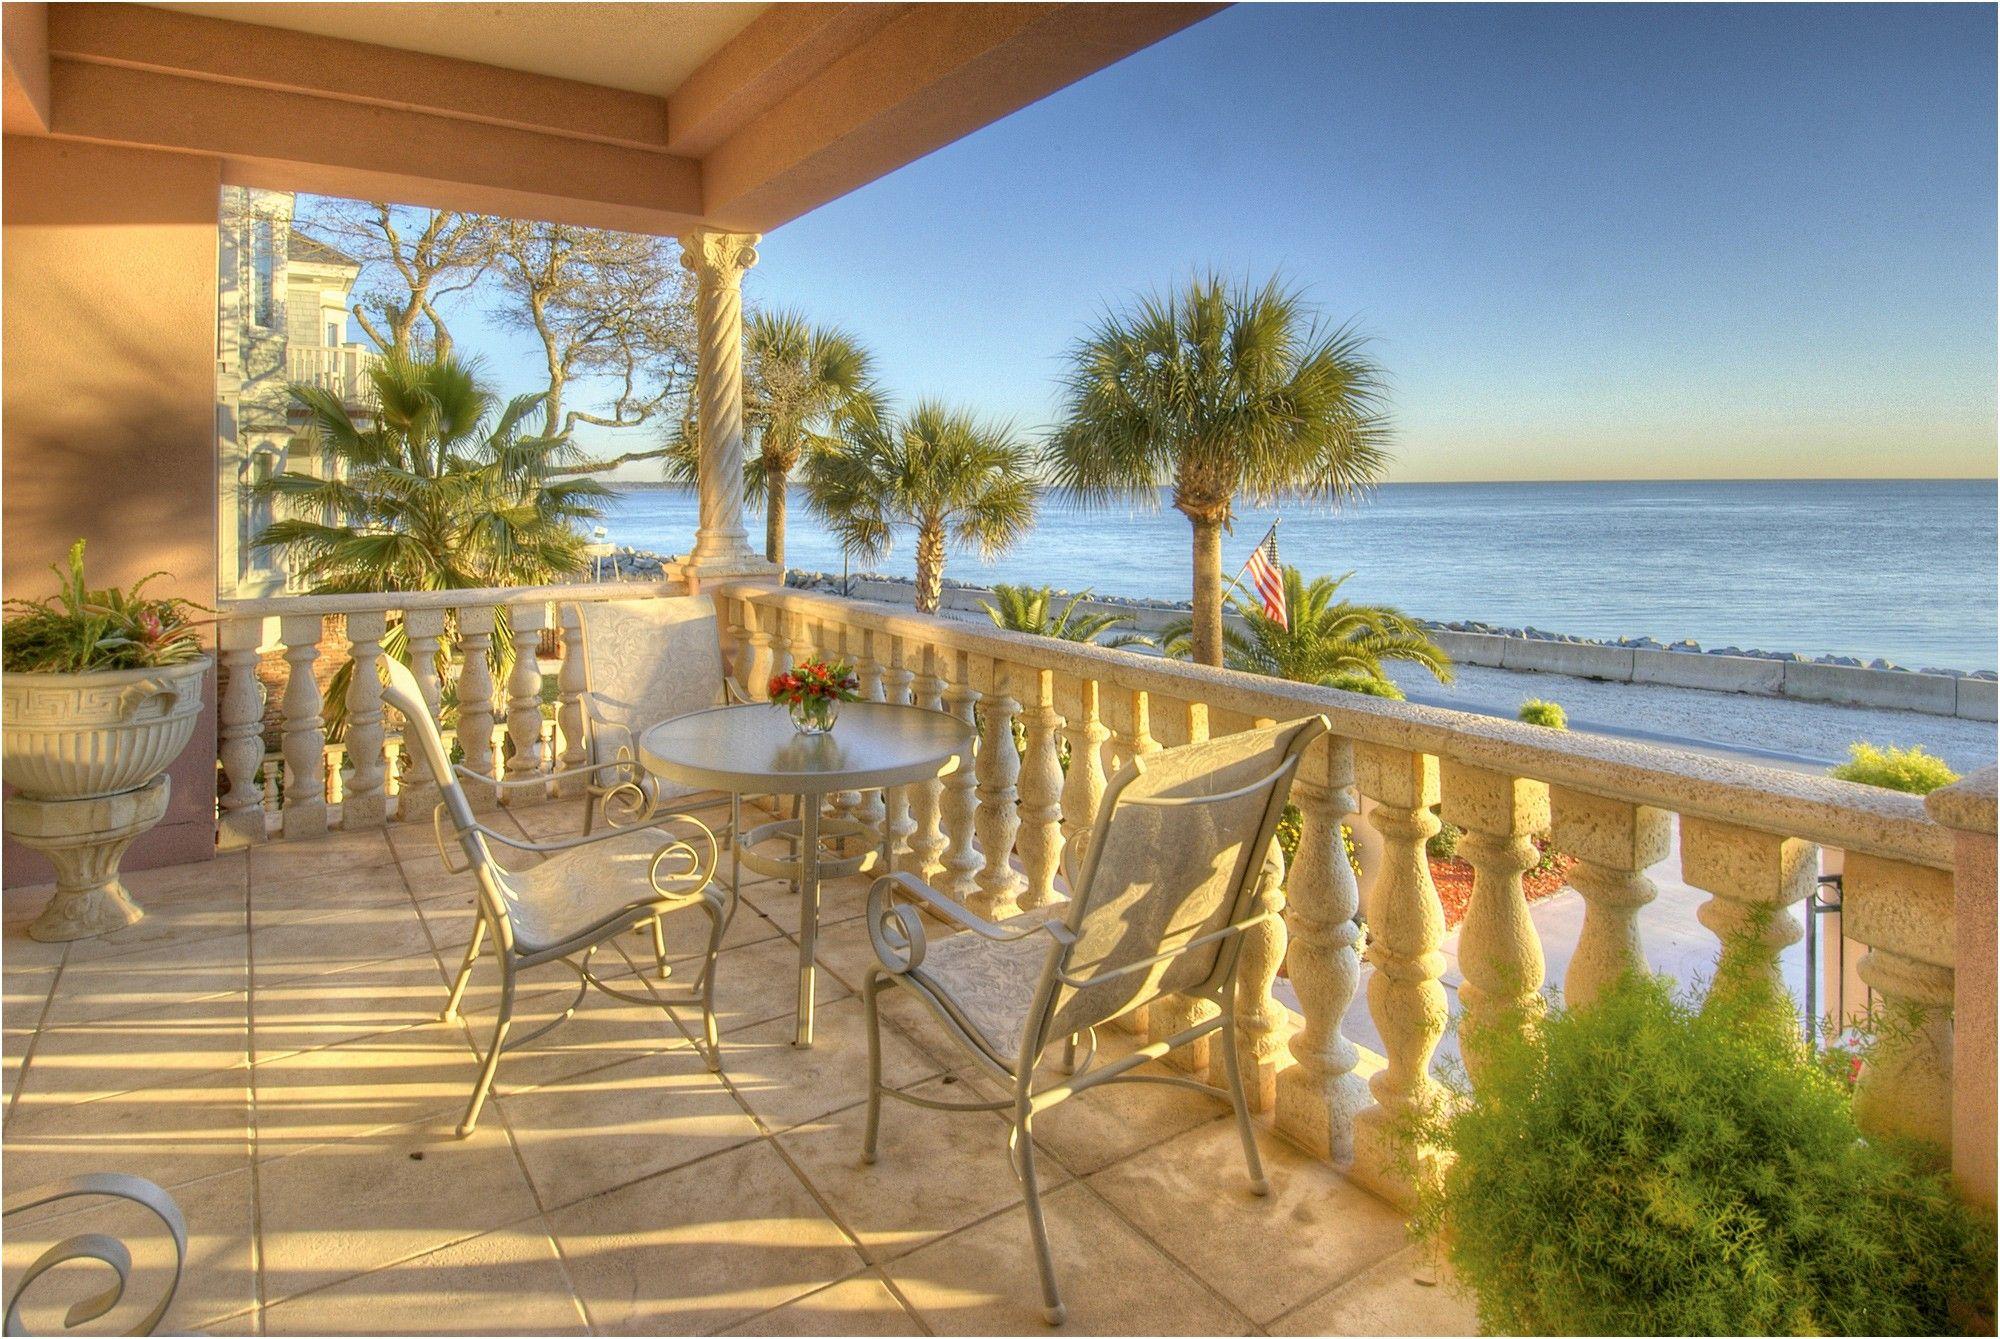 georgia beach rentals llc from Beach House Rentals In Savannah Ga ...